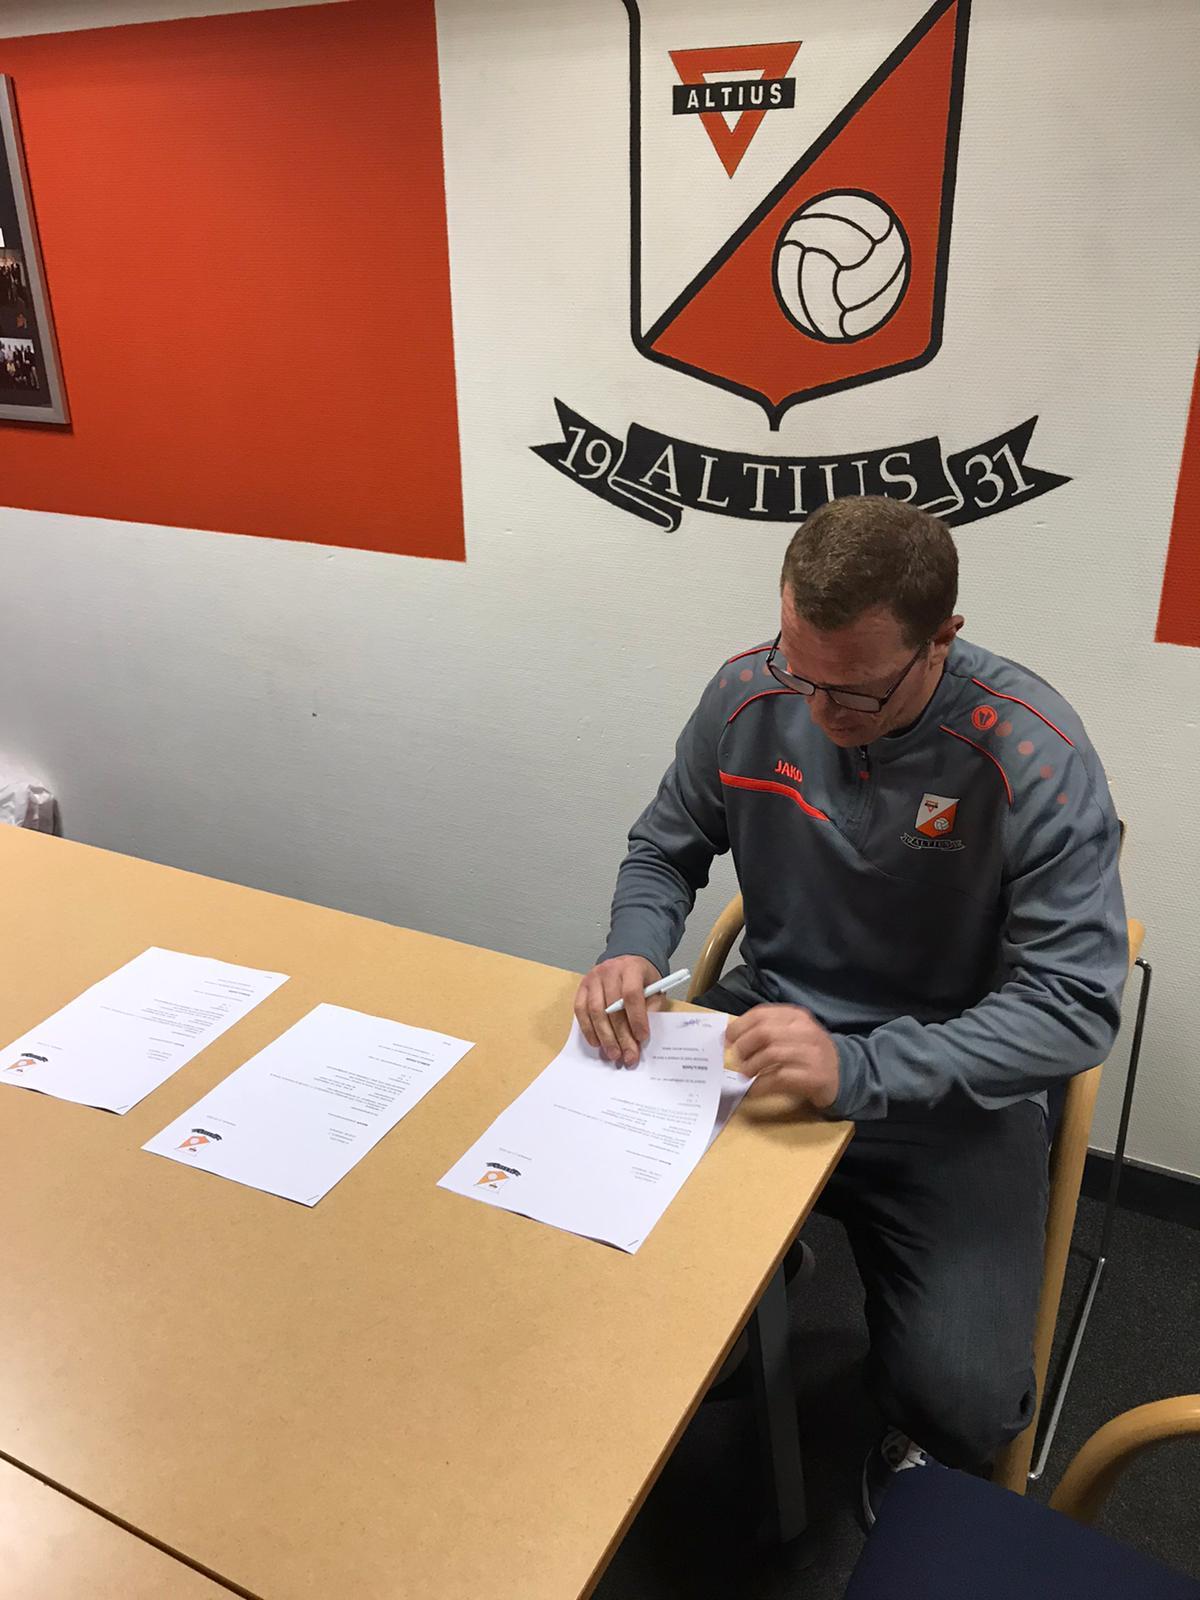 Altius presenteert nieuwe hoofdtrainer